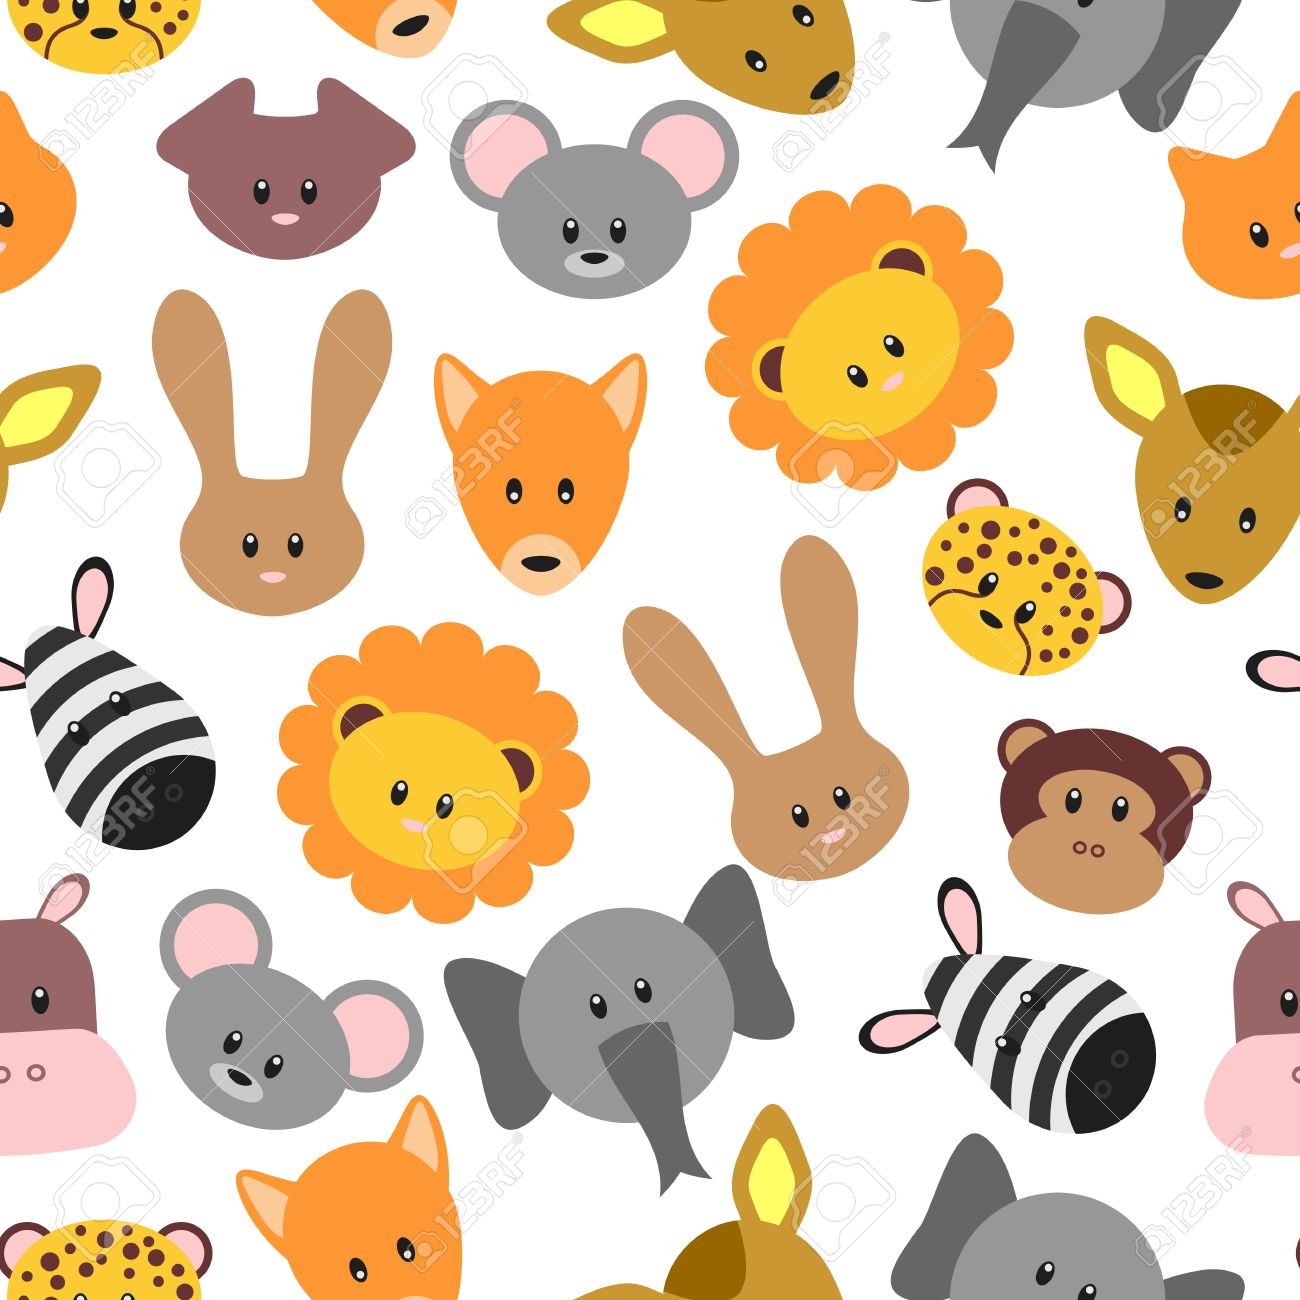 Cartoon Animal Wallpaper Popular Desktop Wallpaper